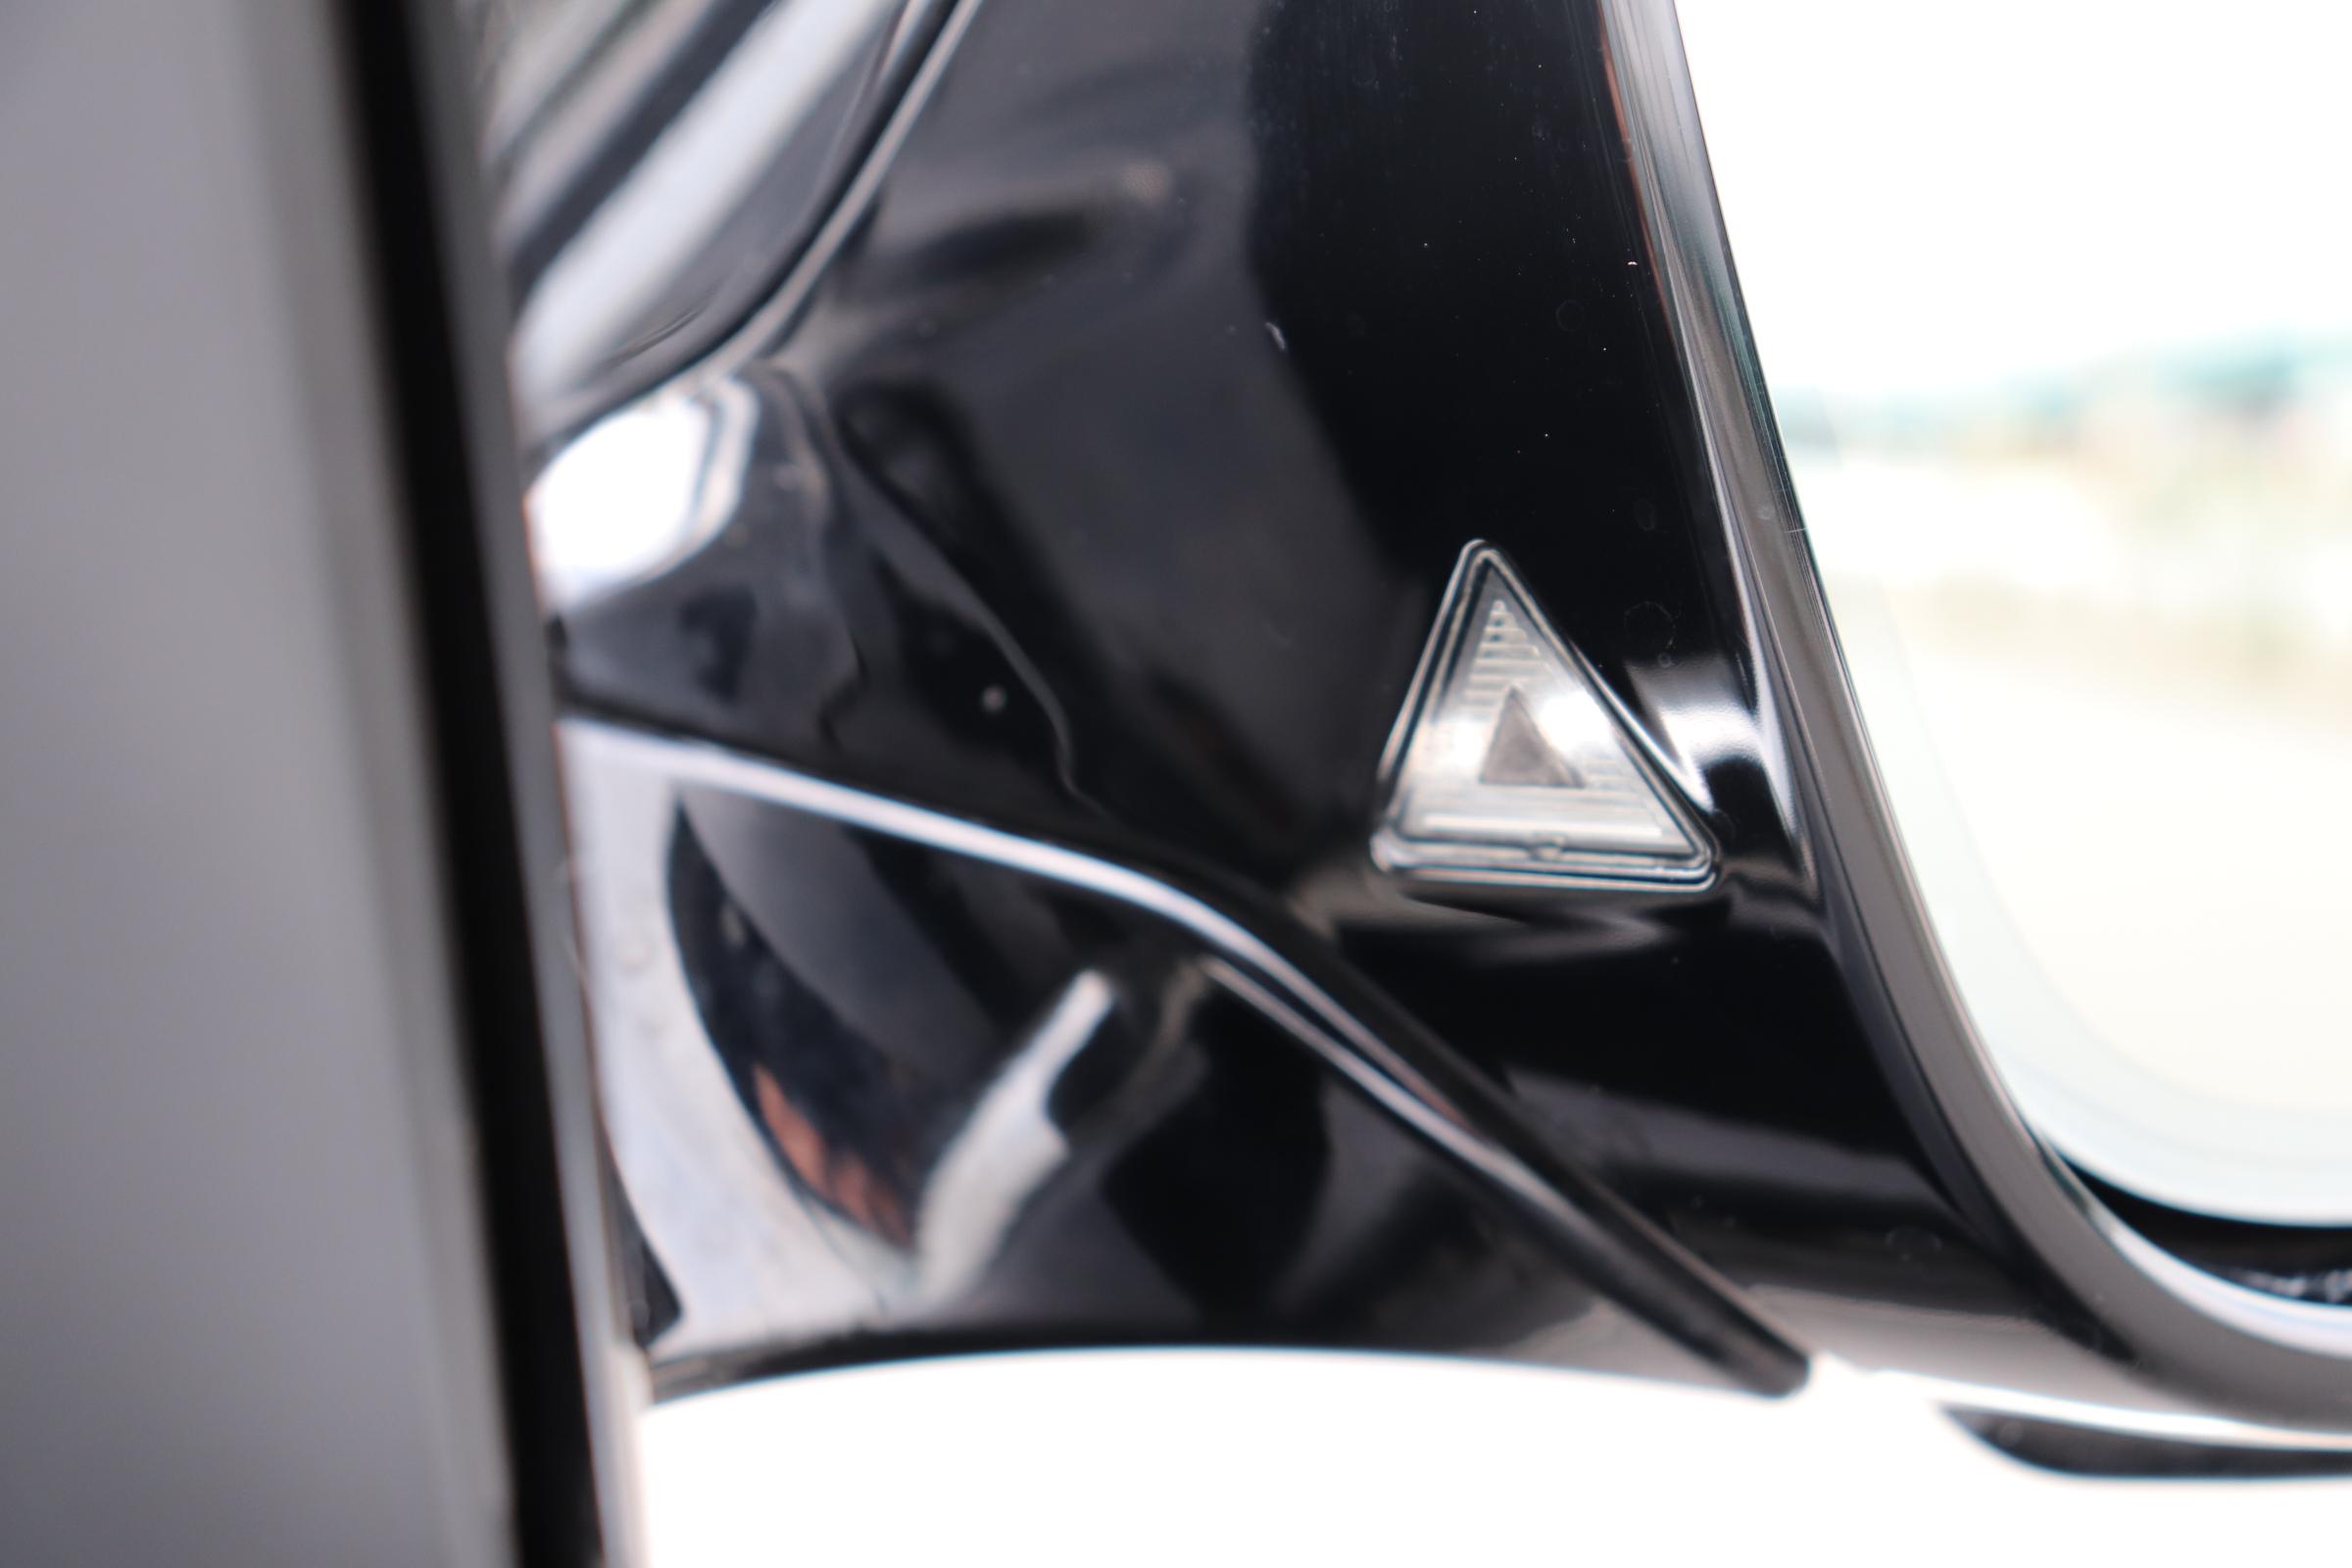 528iラグジュアリー BEAMコンプリートカー ワンオナ LEDヘッドライト マルチディスプレイメーター車両画像15